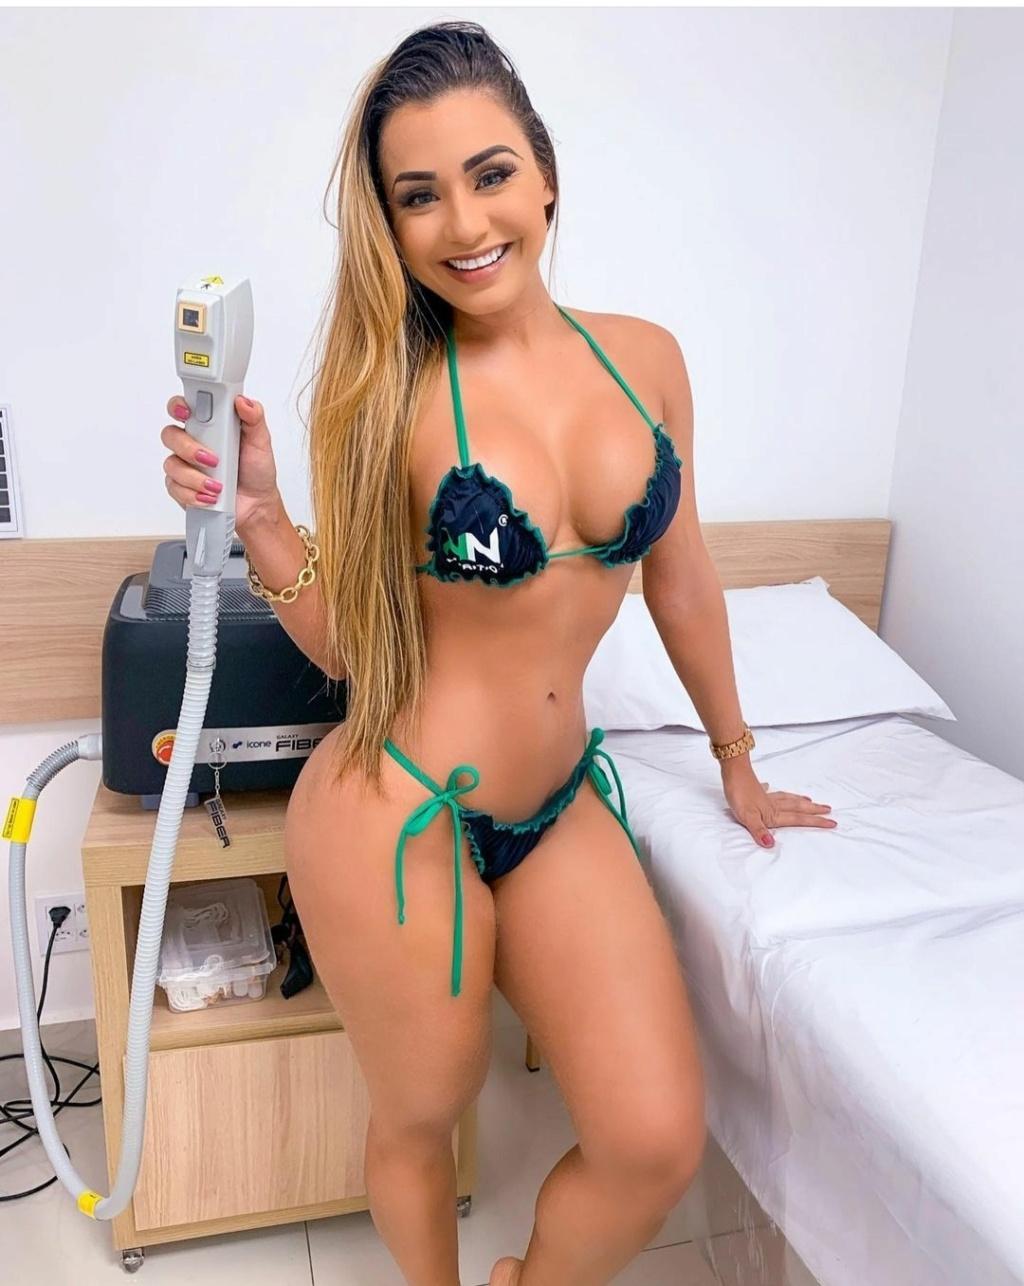 DEBATE sobre belleza, guapura y hermosura (fotos de chicas latinas, mestizas, y de todo) - VOL II - Página 2 Img_1050